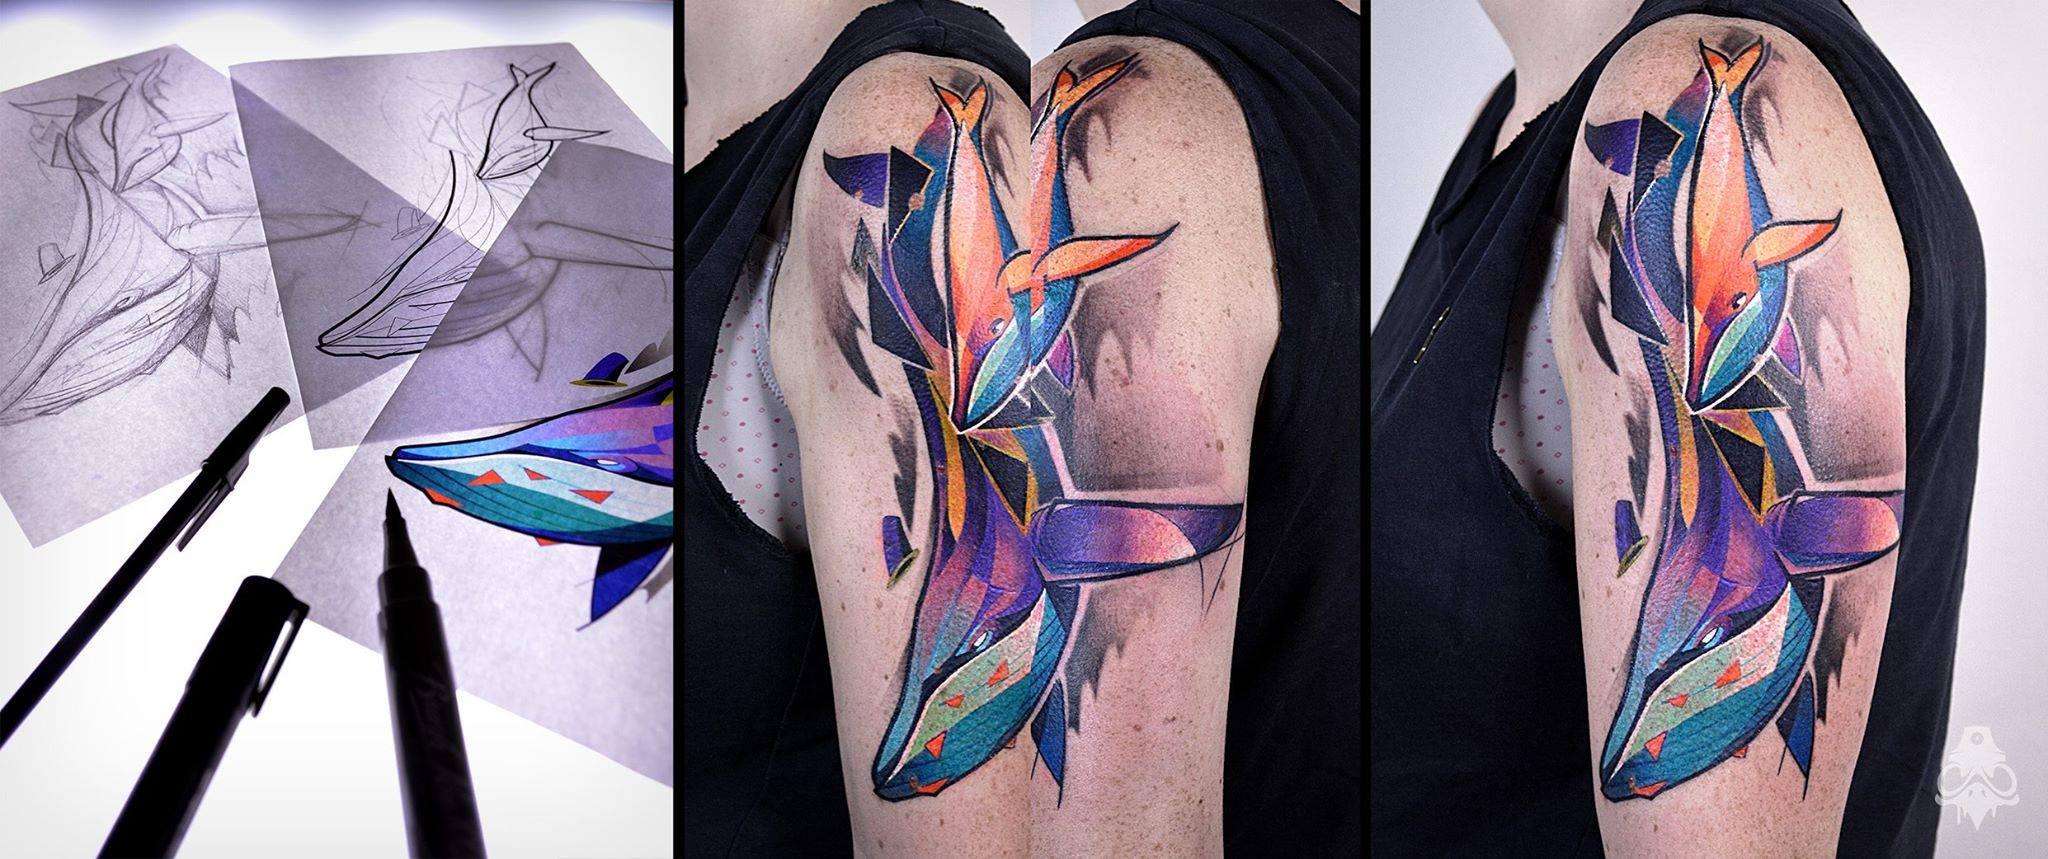 breakone-tattoo-14.jpg